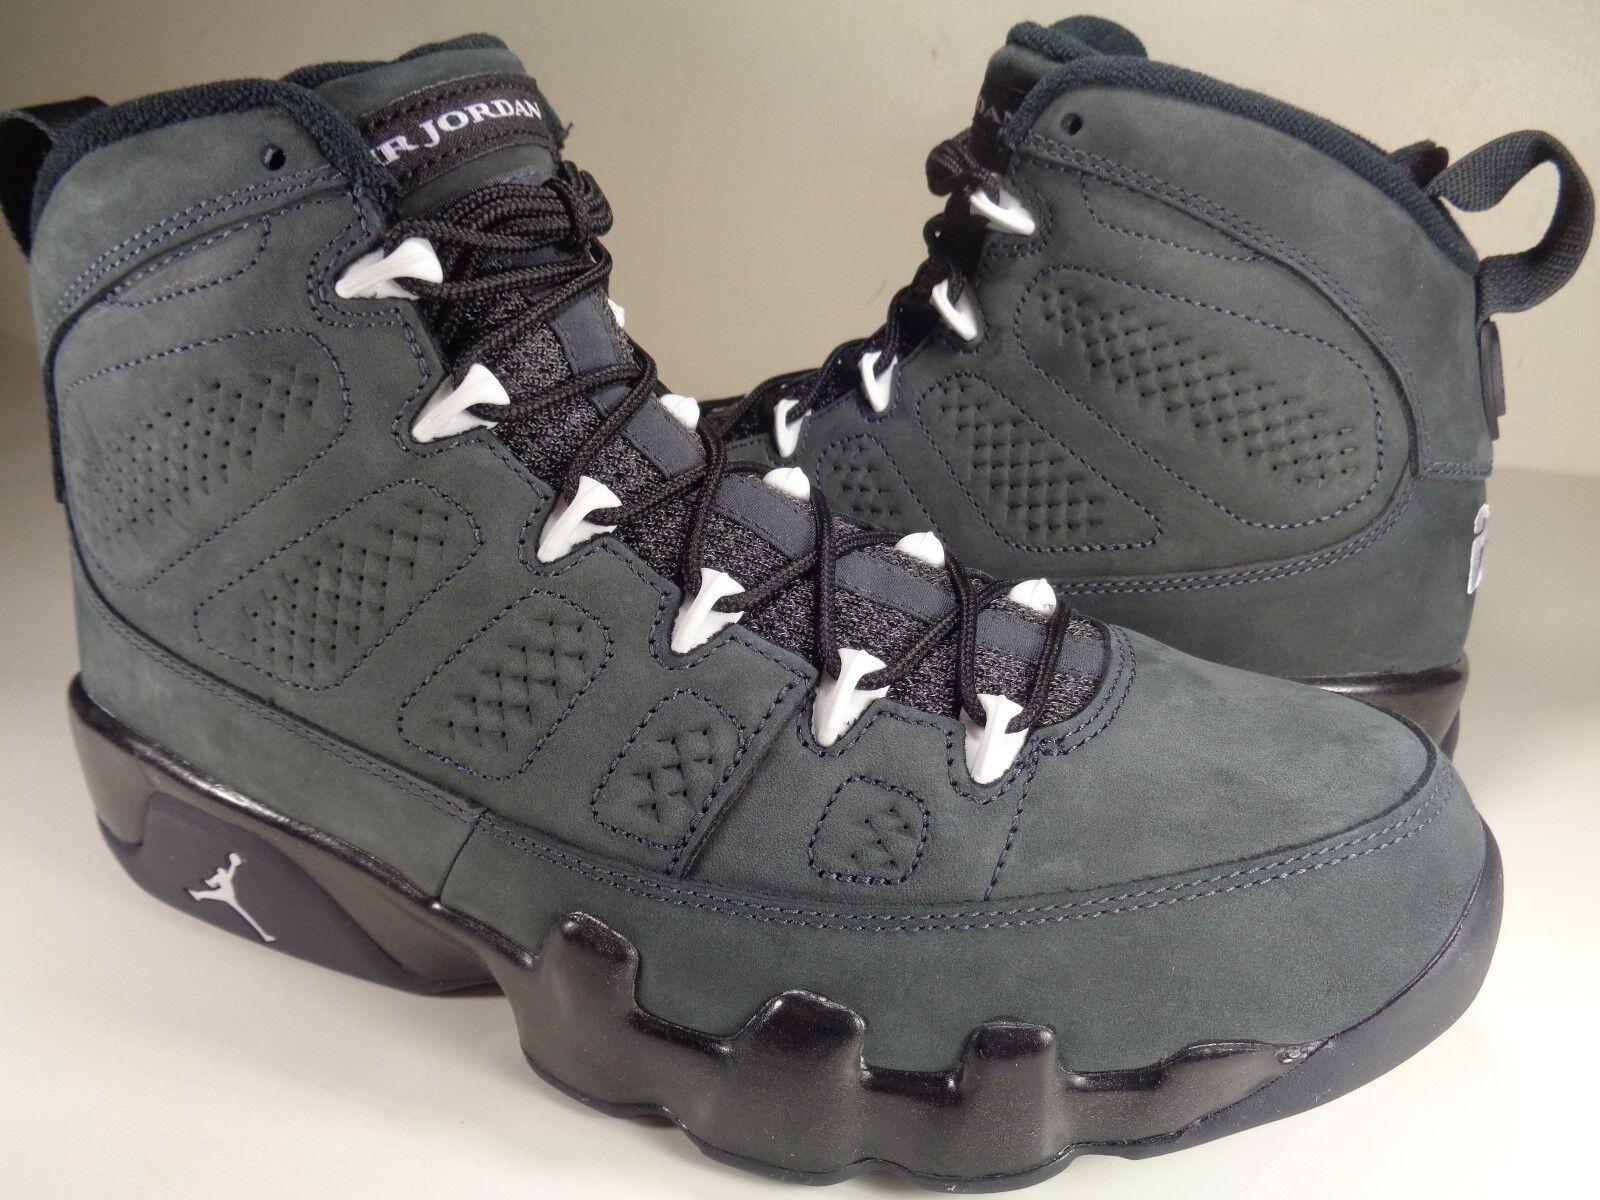 Jordan Air 9 IX Retro Nike Air Jordan Antracita Blanco Negro (302370013) e95b33